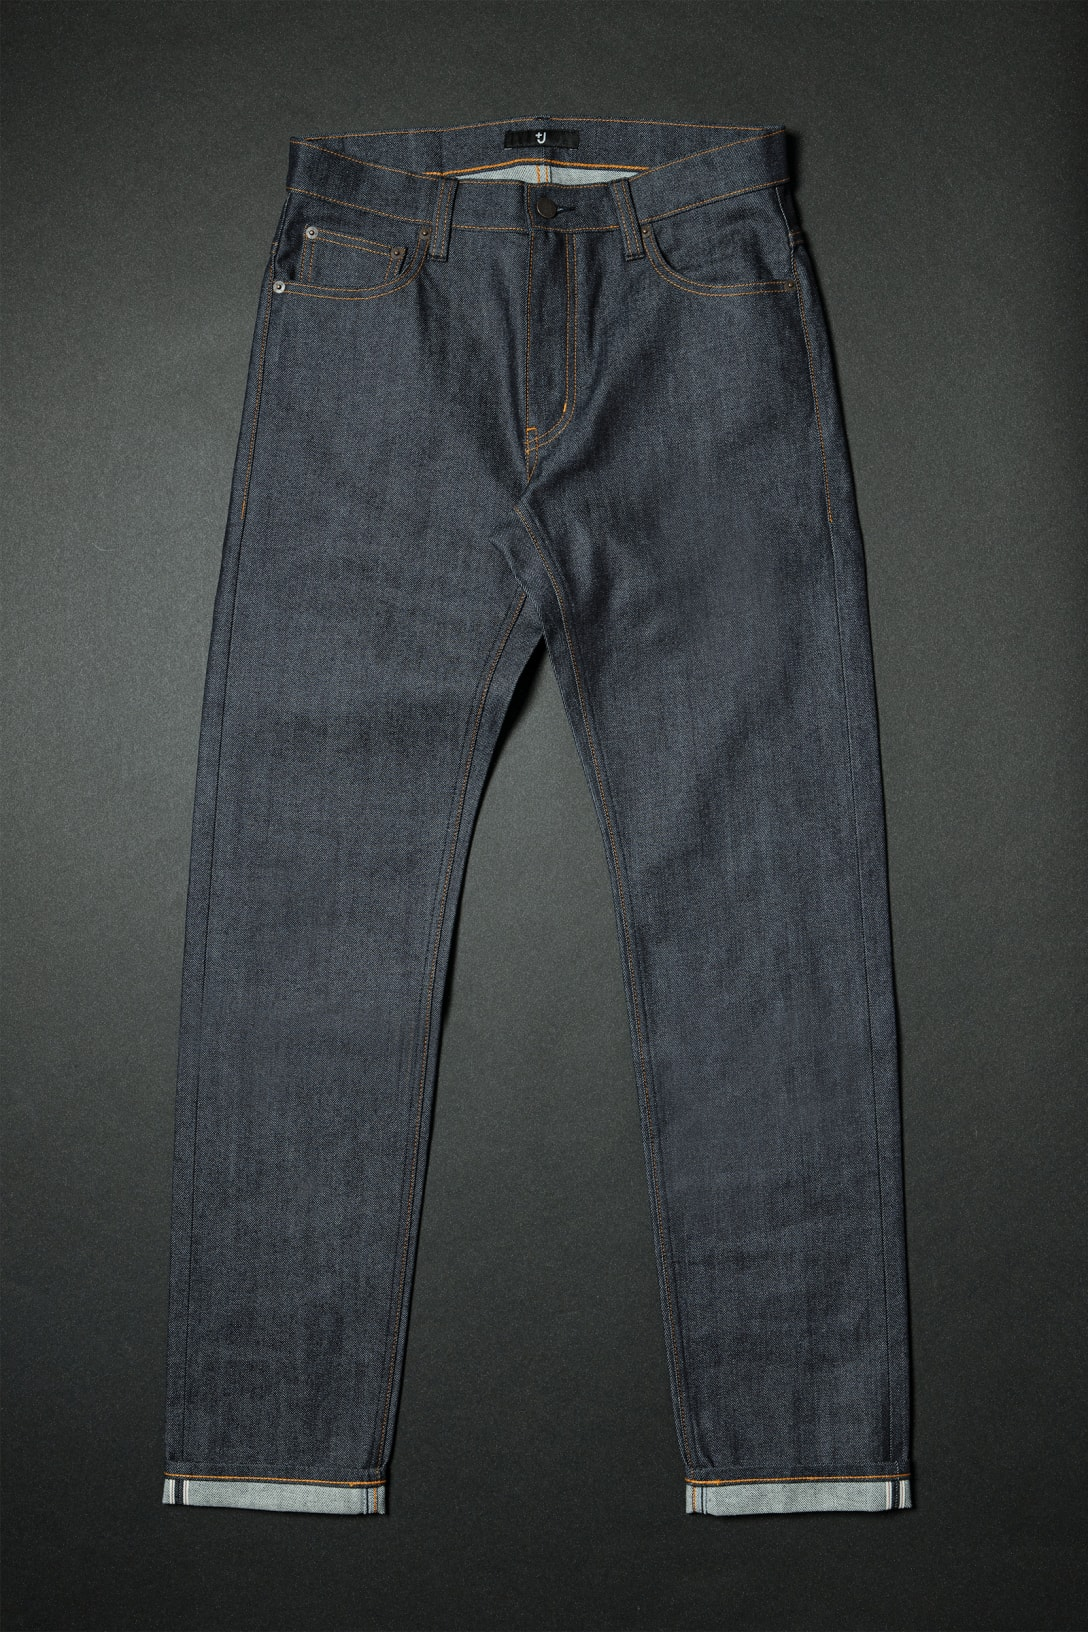 セルビッジ スリムフィットストレートジーンズ(5990円)